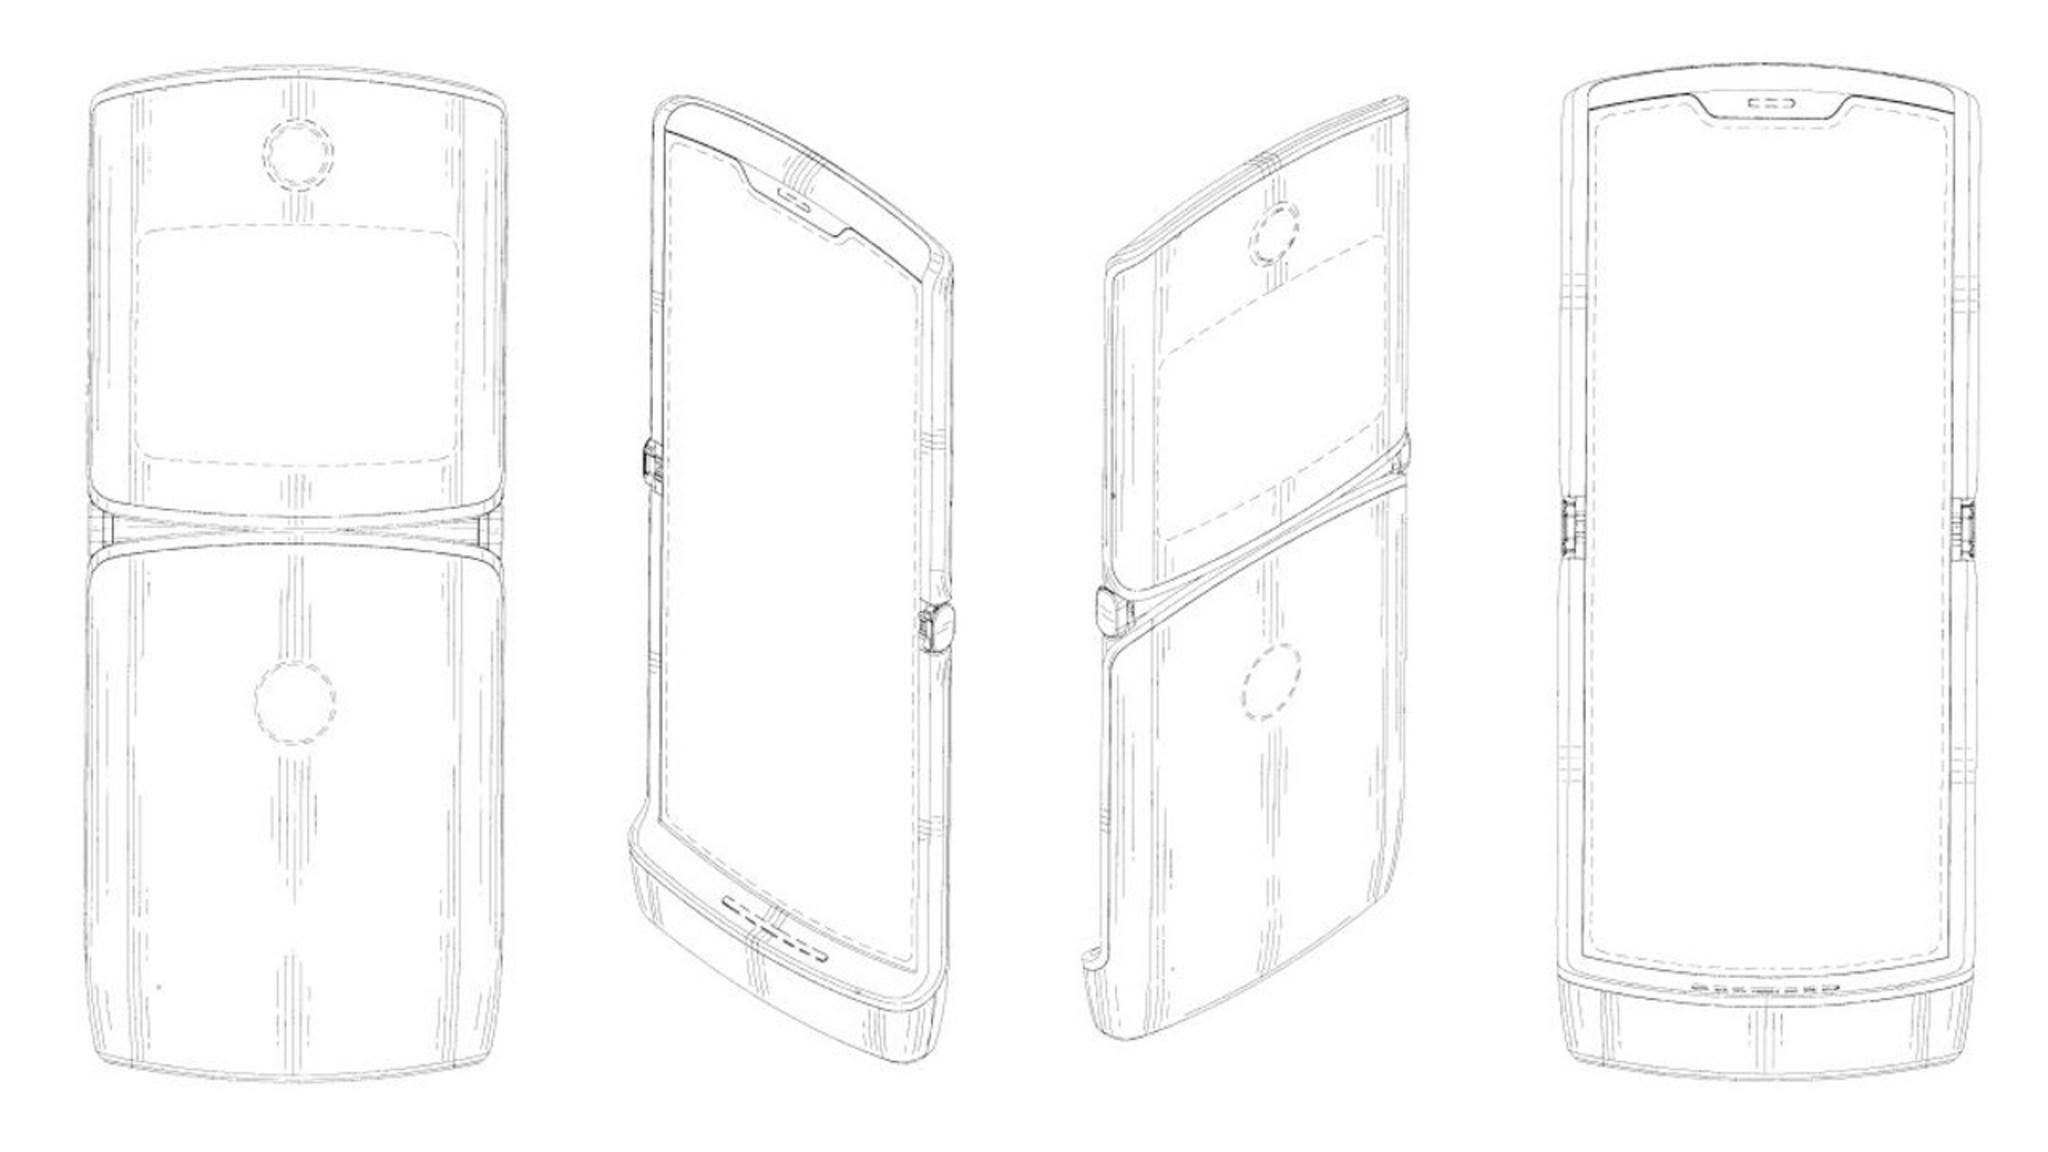 Faltbares Motorola Razr kommt mit coolen Software-Features